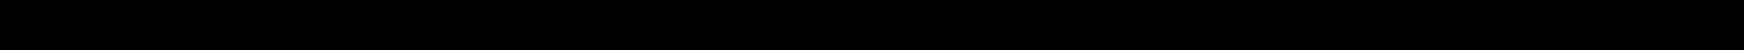 MetaOffcPro-Norm.ttf